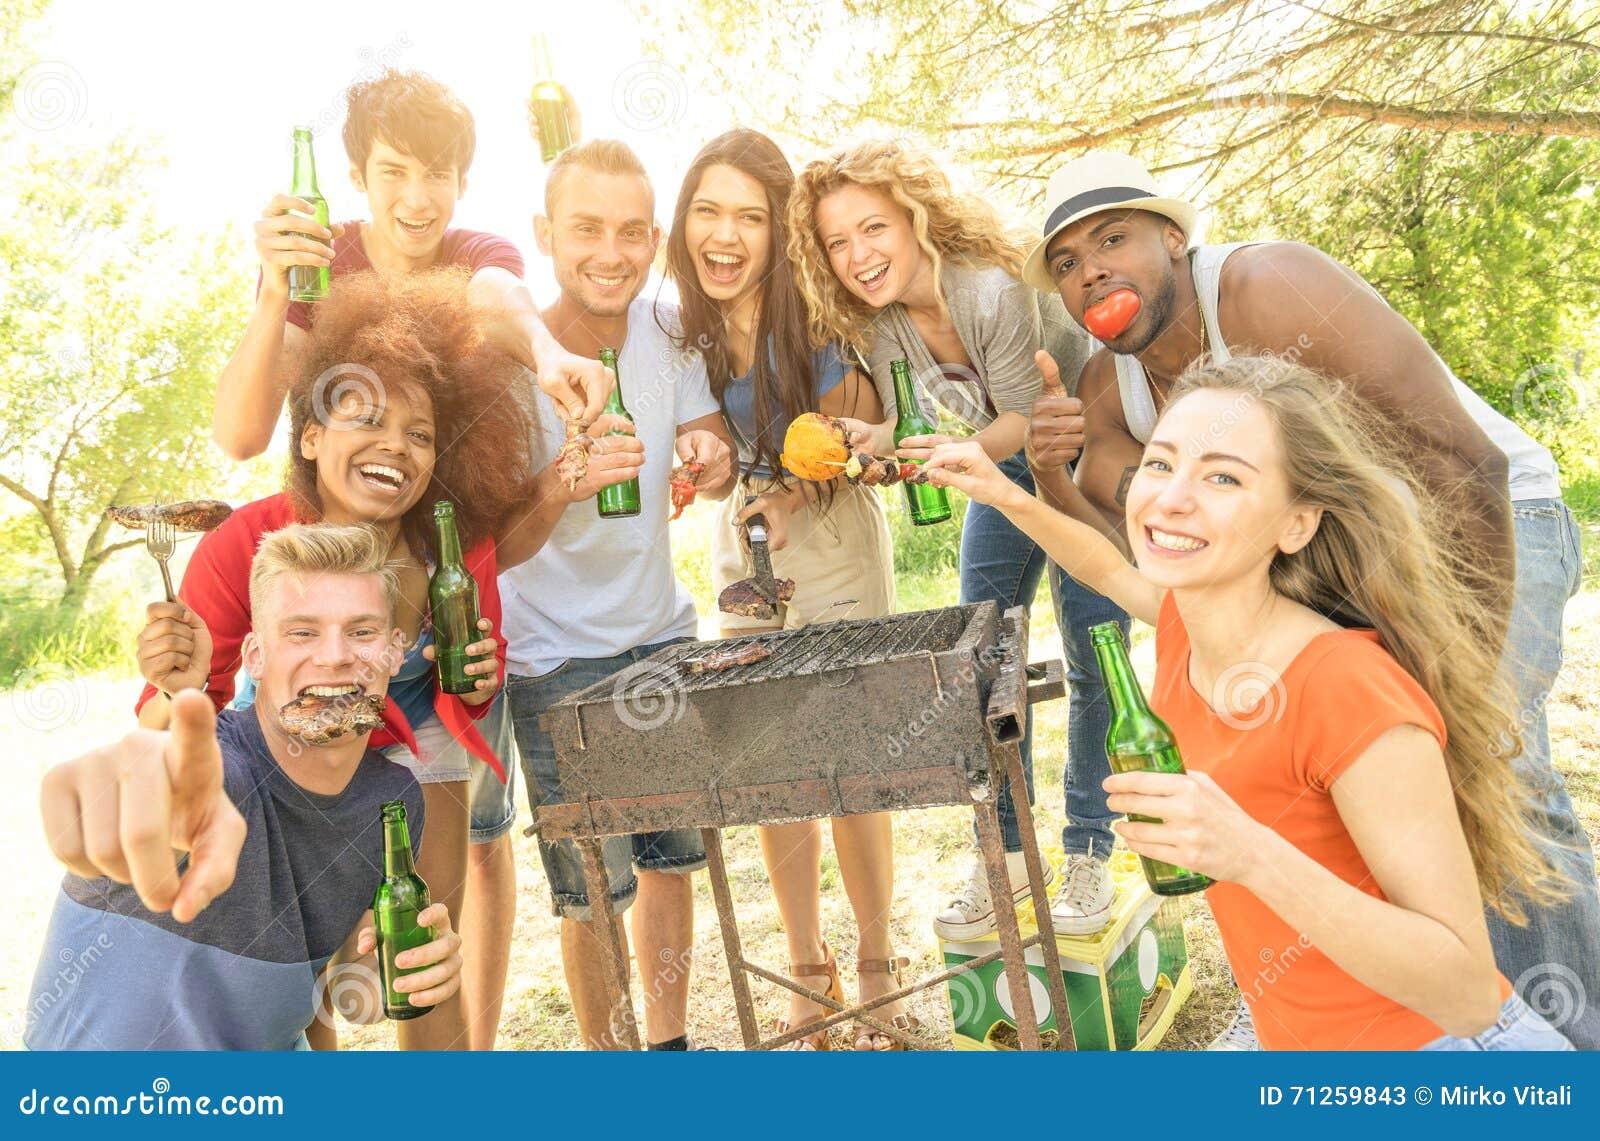 Amigos multirraciales felices que se divierten en la fiesta de jardín de la barbacoa